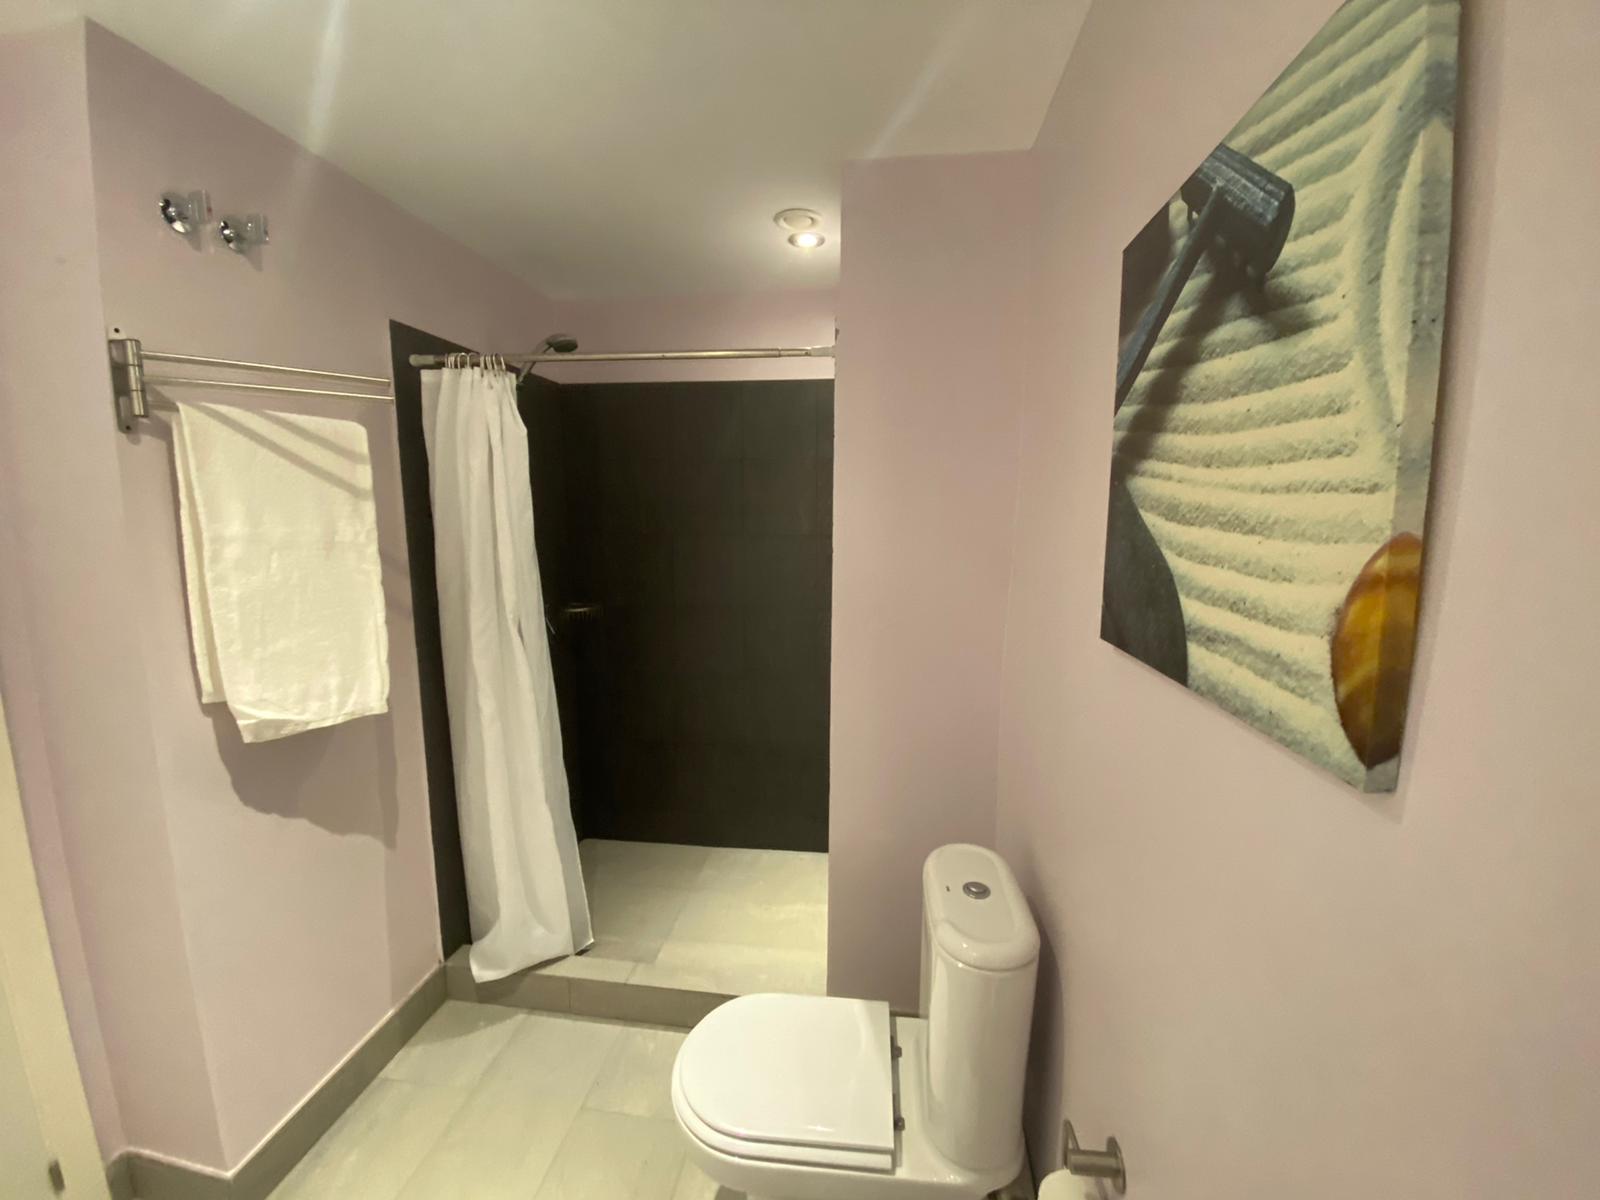 Imagen 18 del Apartamento Turístico, Ático 8 Central (3d+2b), Punta del Moral (HUELVA), Paseo de la Cruz nº22